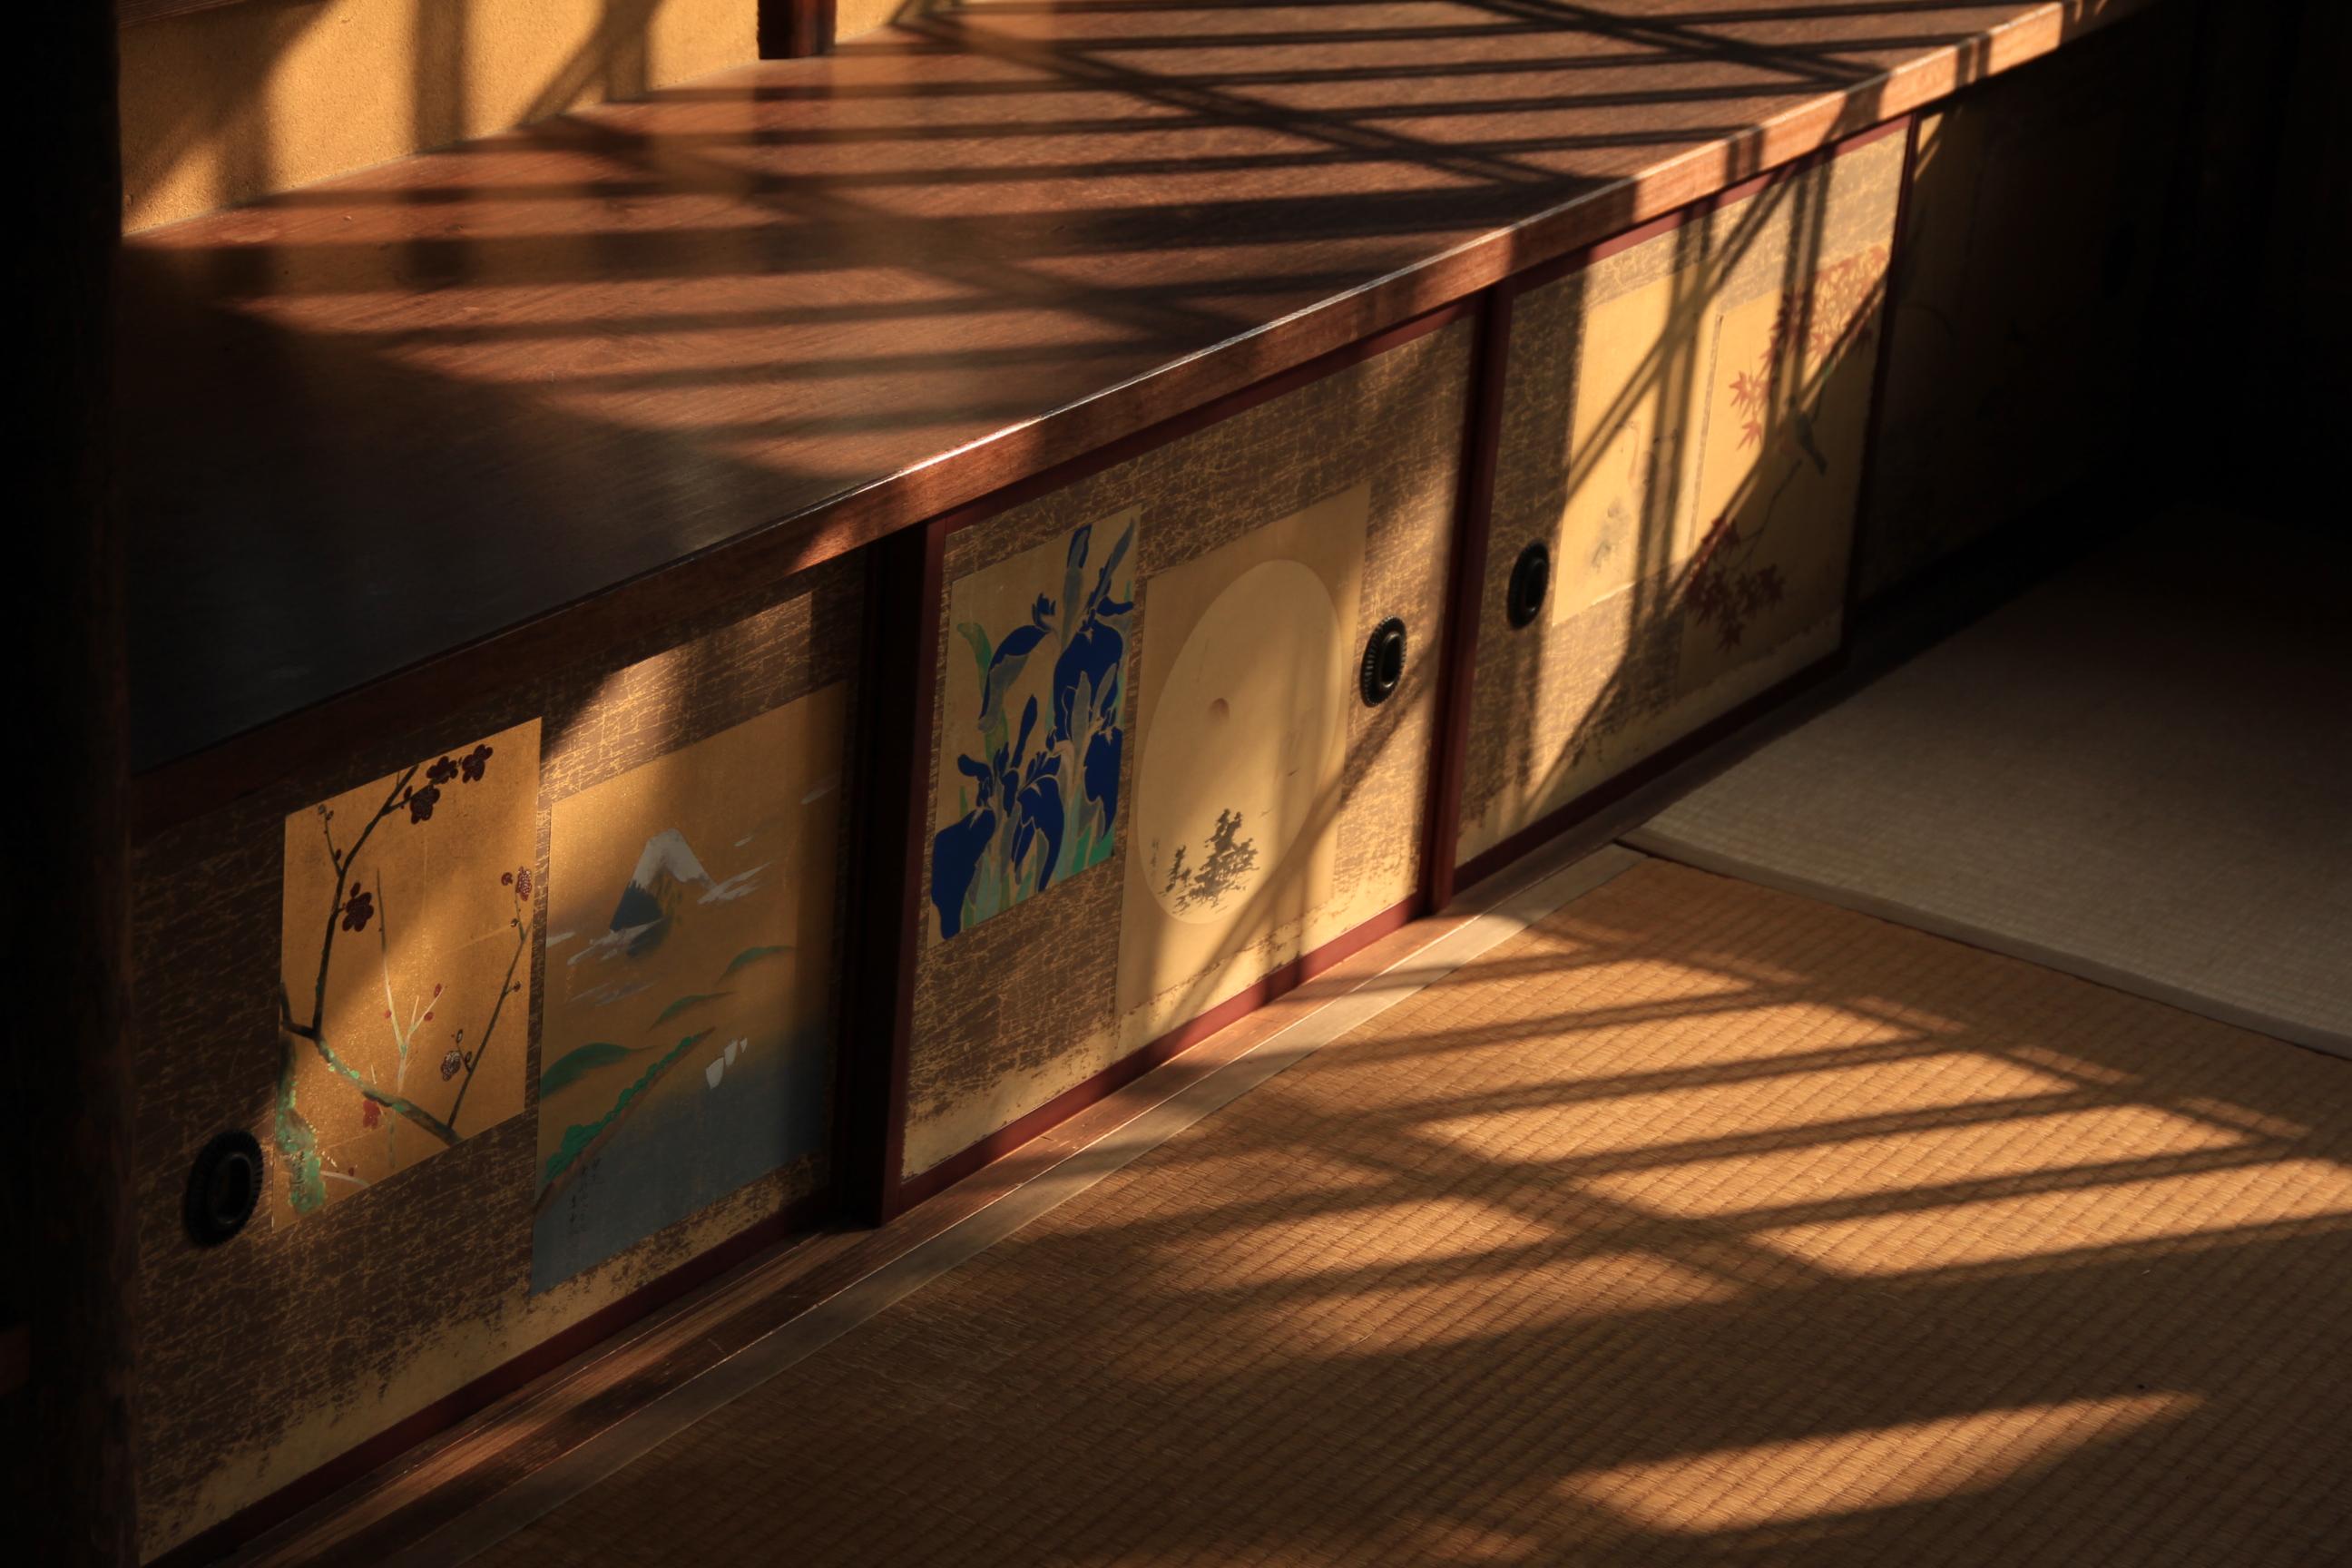 畳 Tatami room